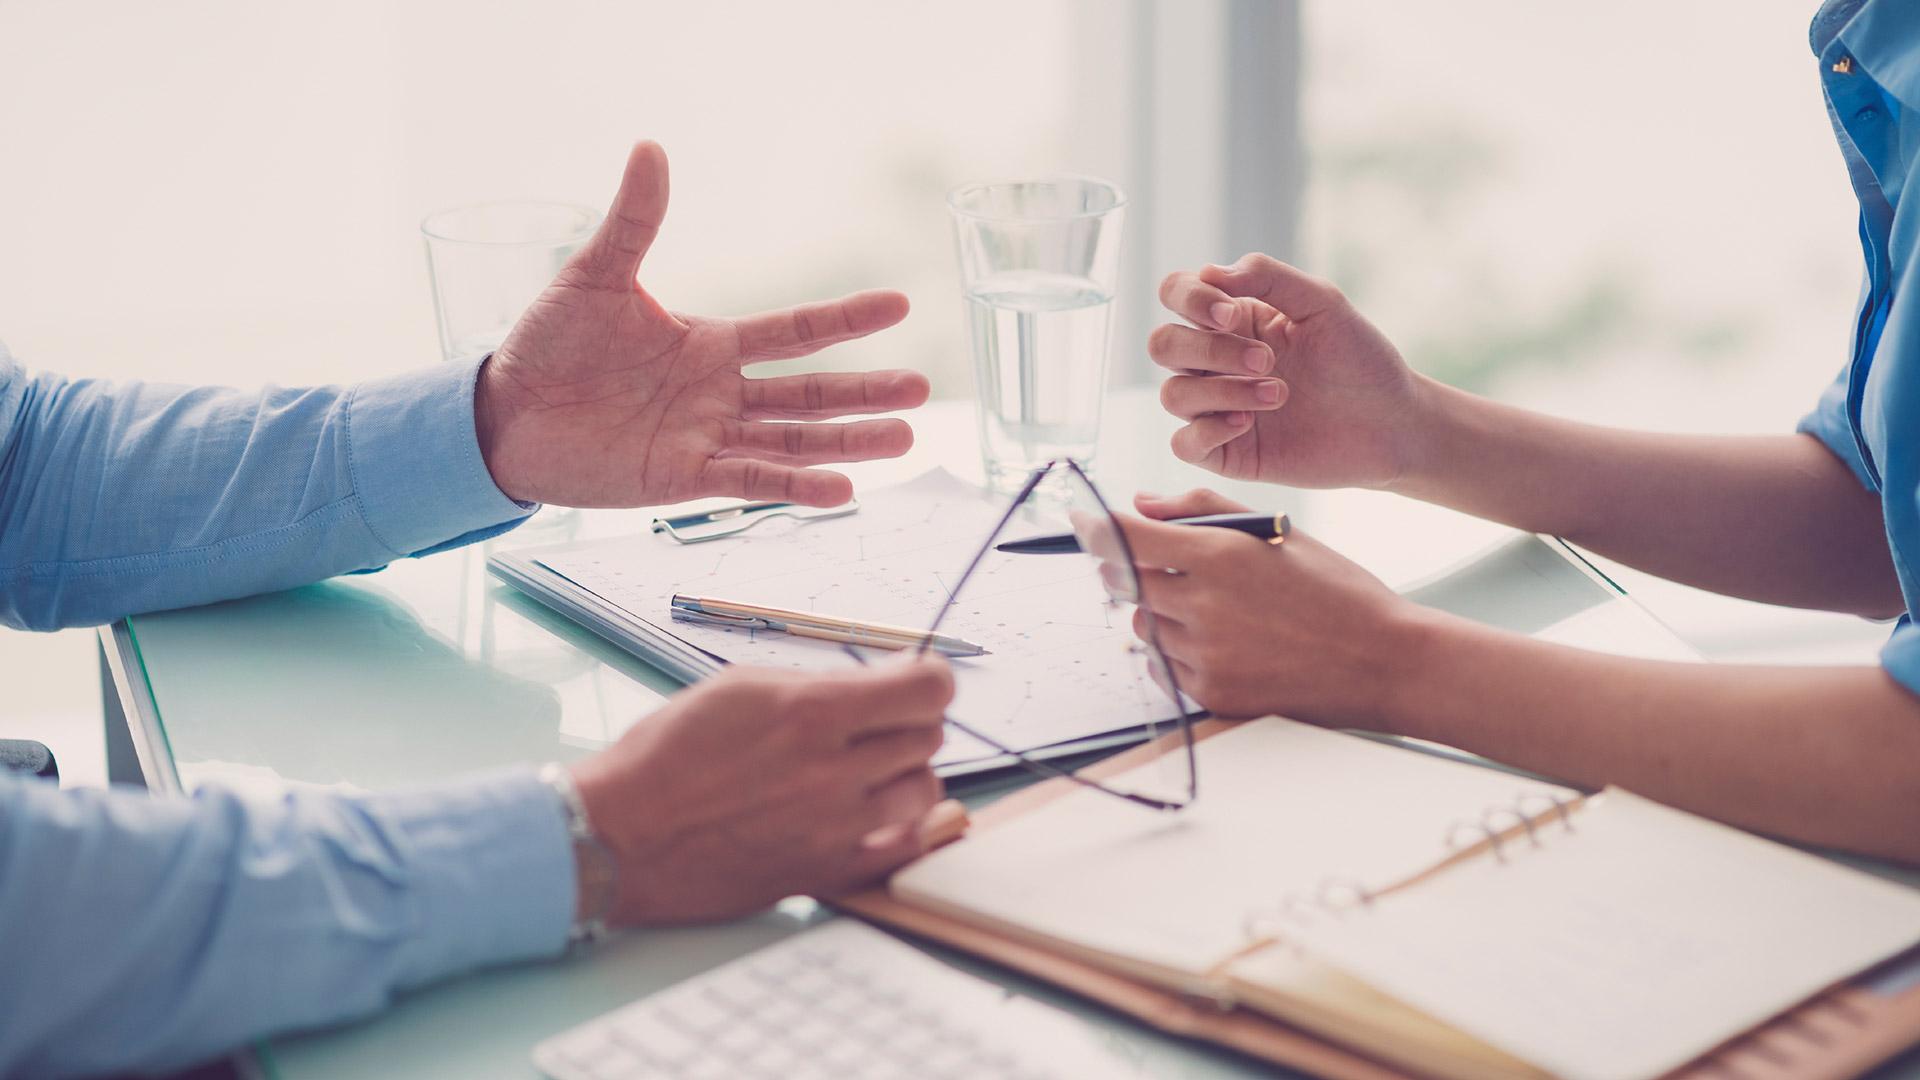 hands at desk